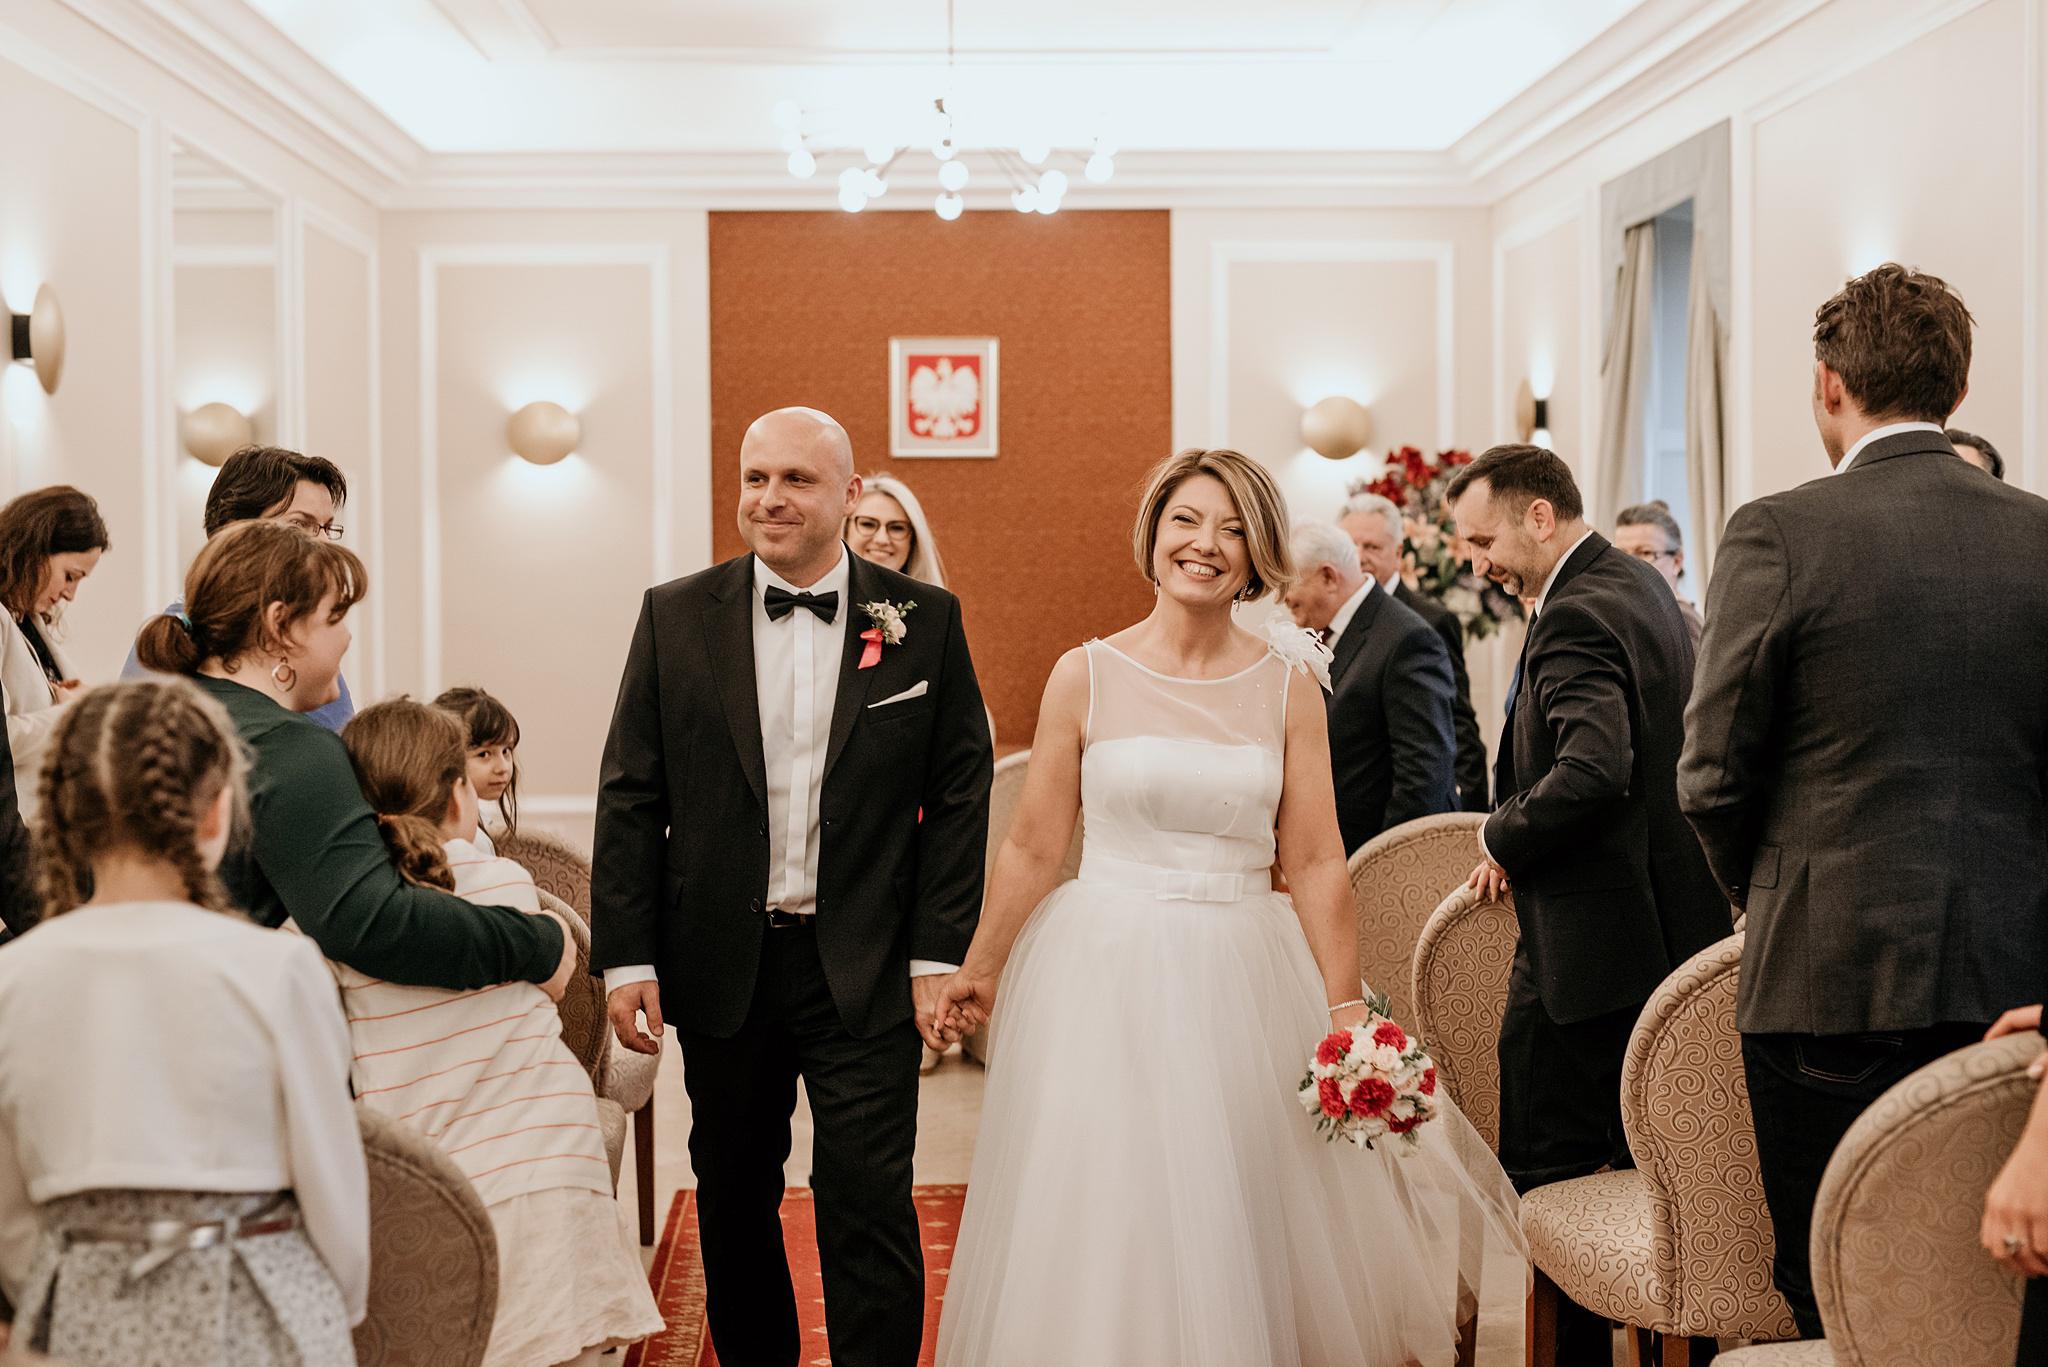 zdjęcia na ślubie fotograf